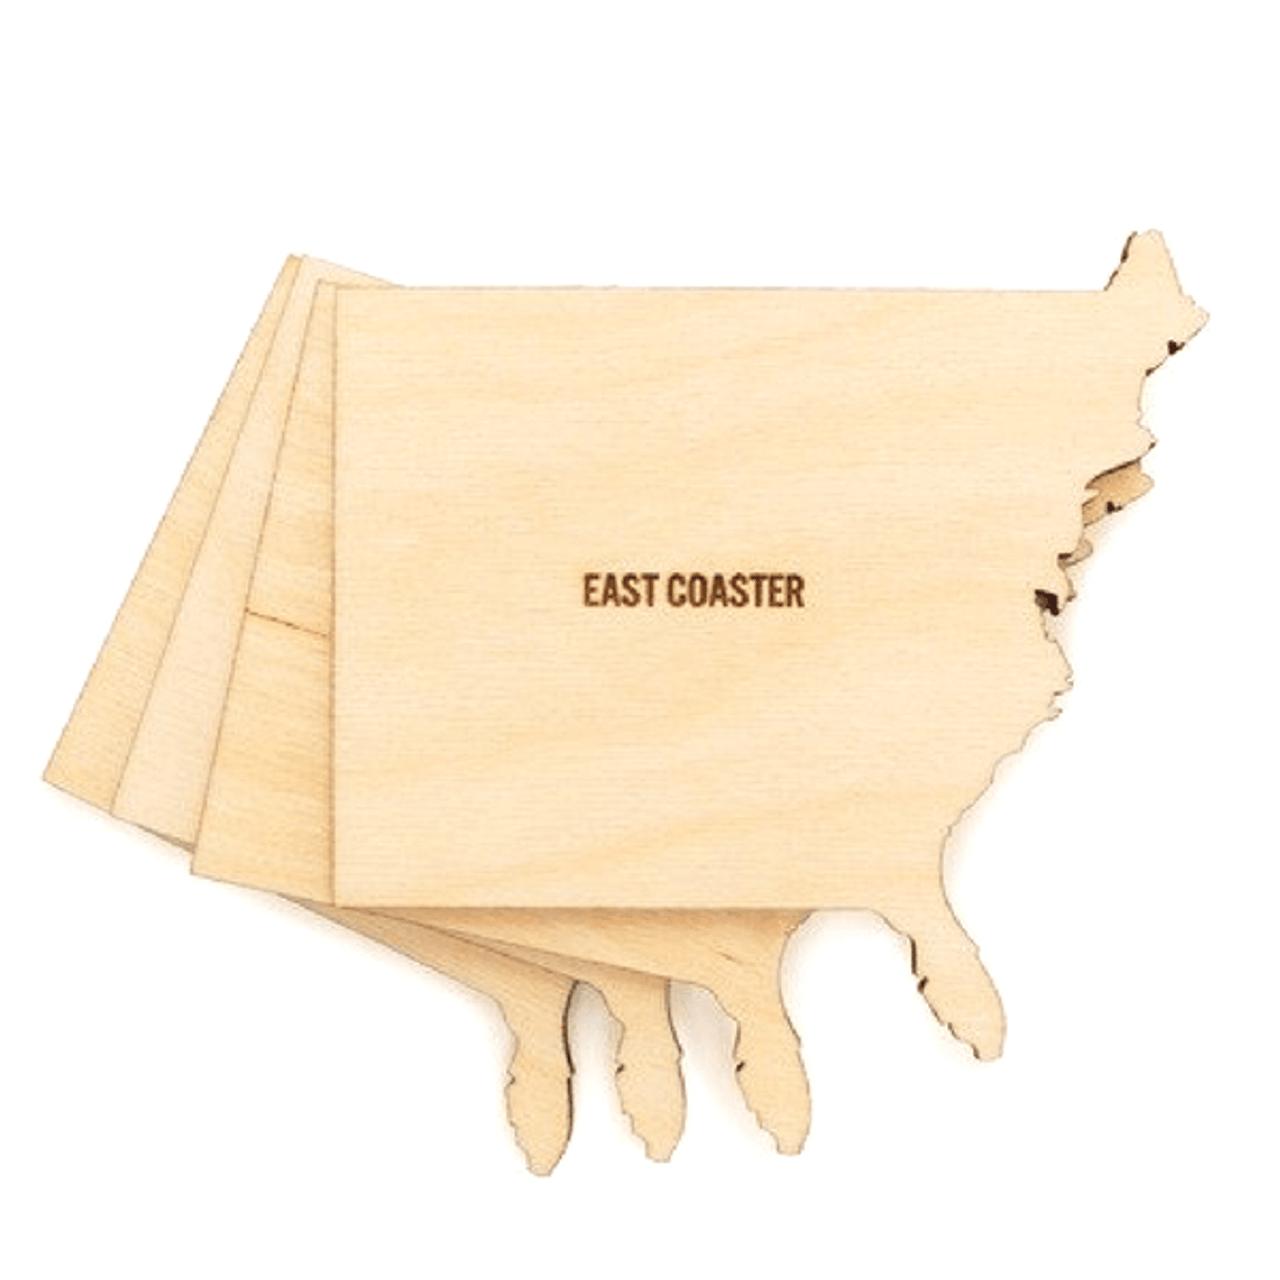 wood coasters - east coasters